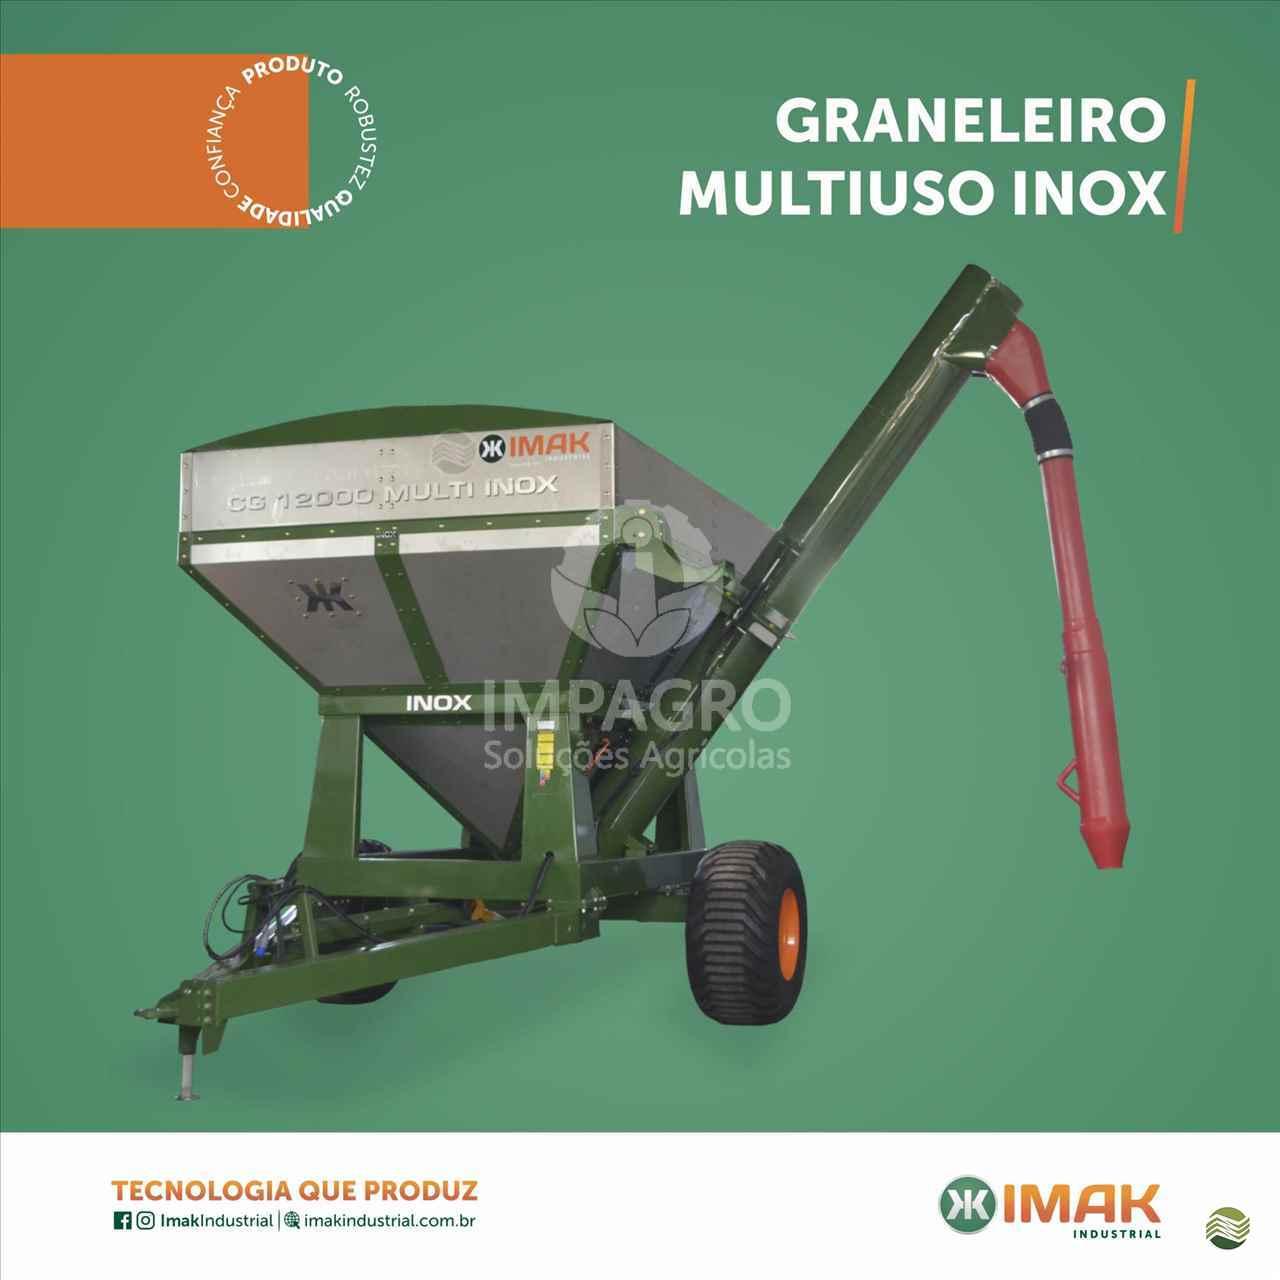 IMPLEMENTOS AGRICOLAS CARRETA BAZUKA GRANELEIRA 12000 Impagro Soluções Agrícolas AJURICABA RIO GRANDE DO SUL RS